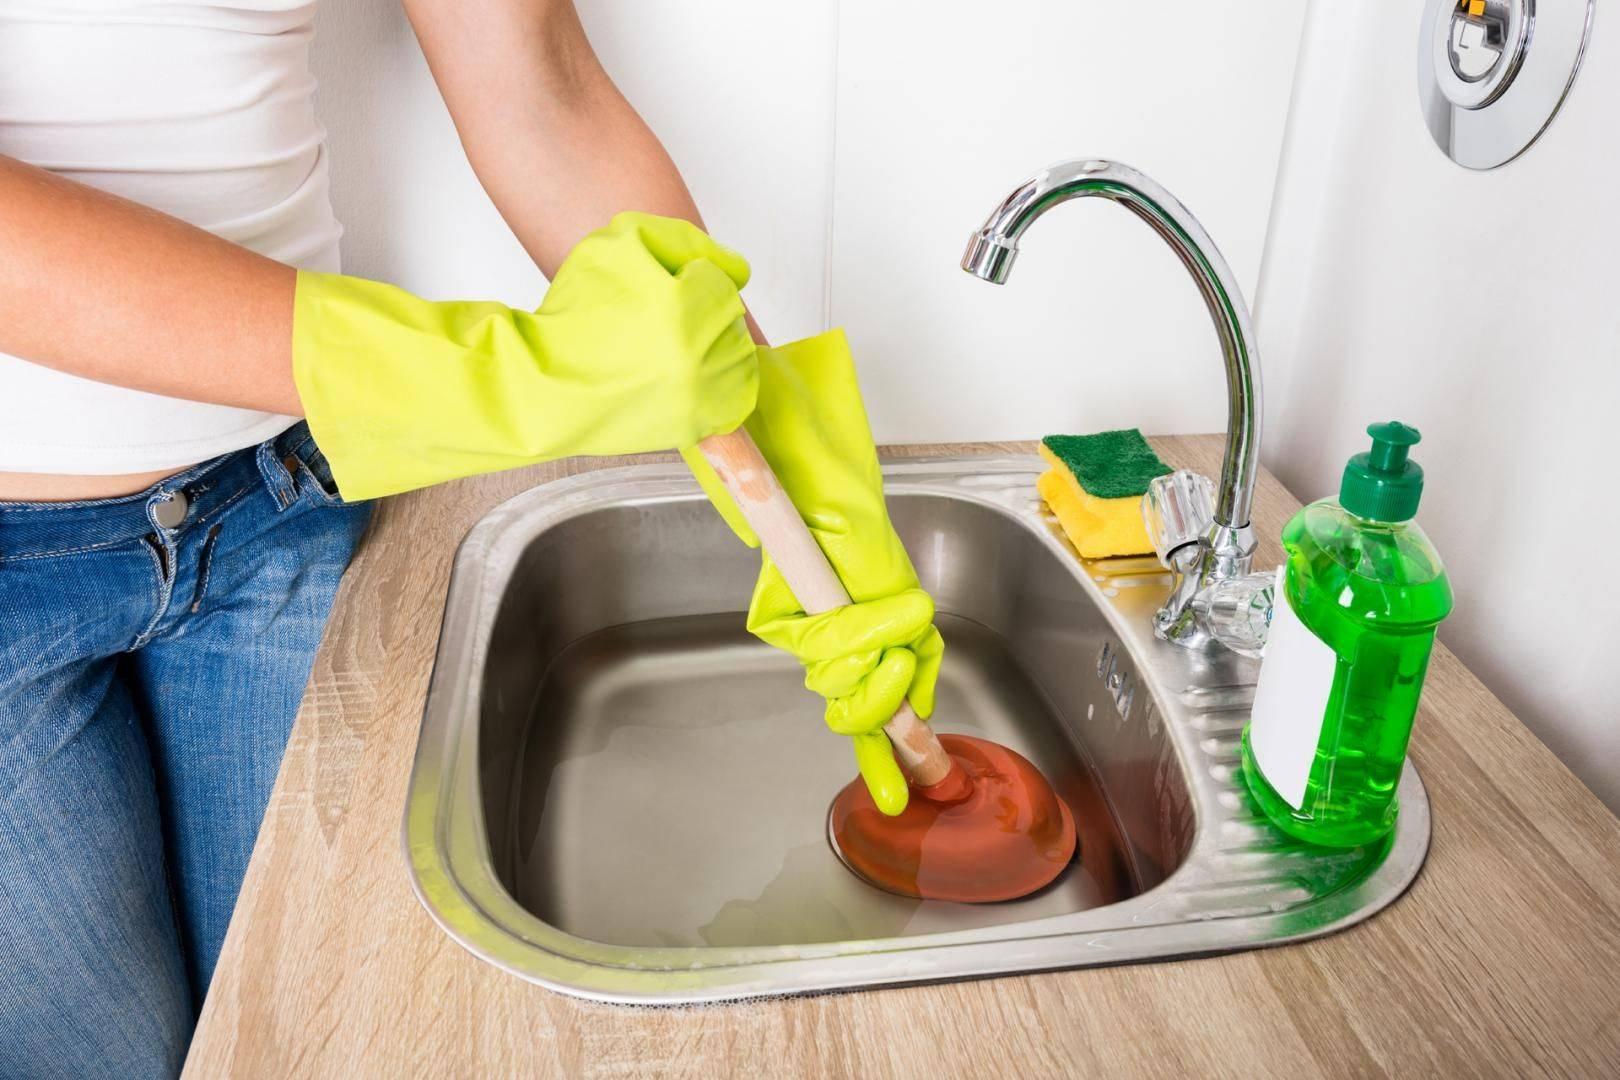 Засорилась раковина на кухне: что делать и как устранить засор в мойке